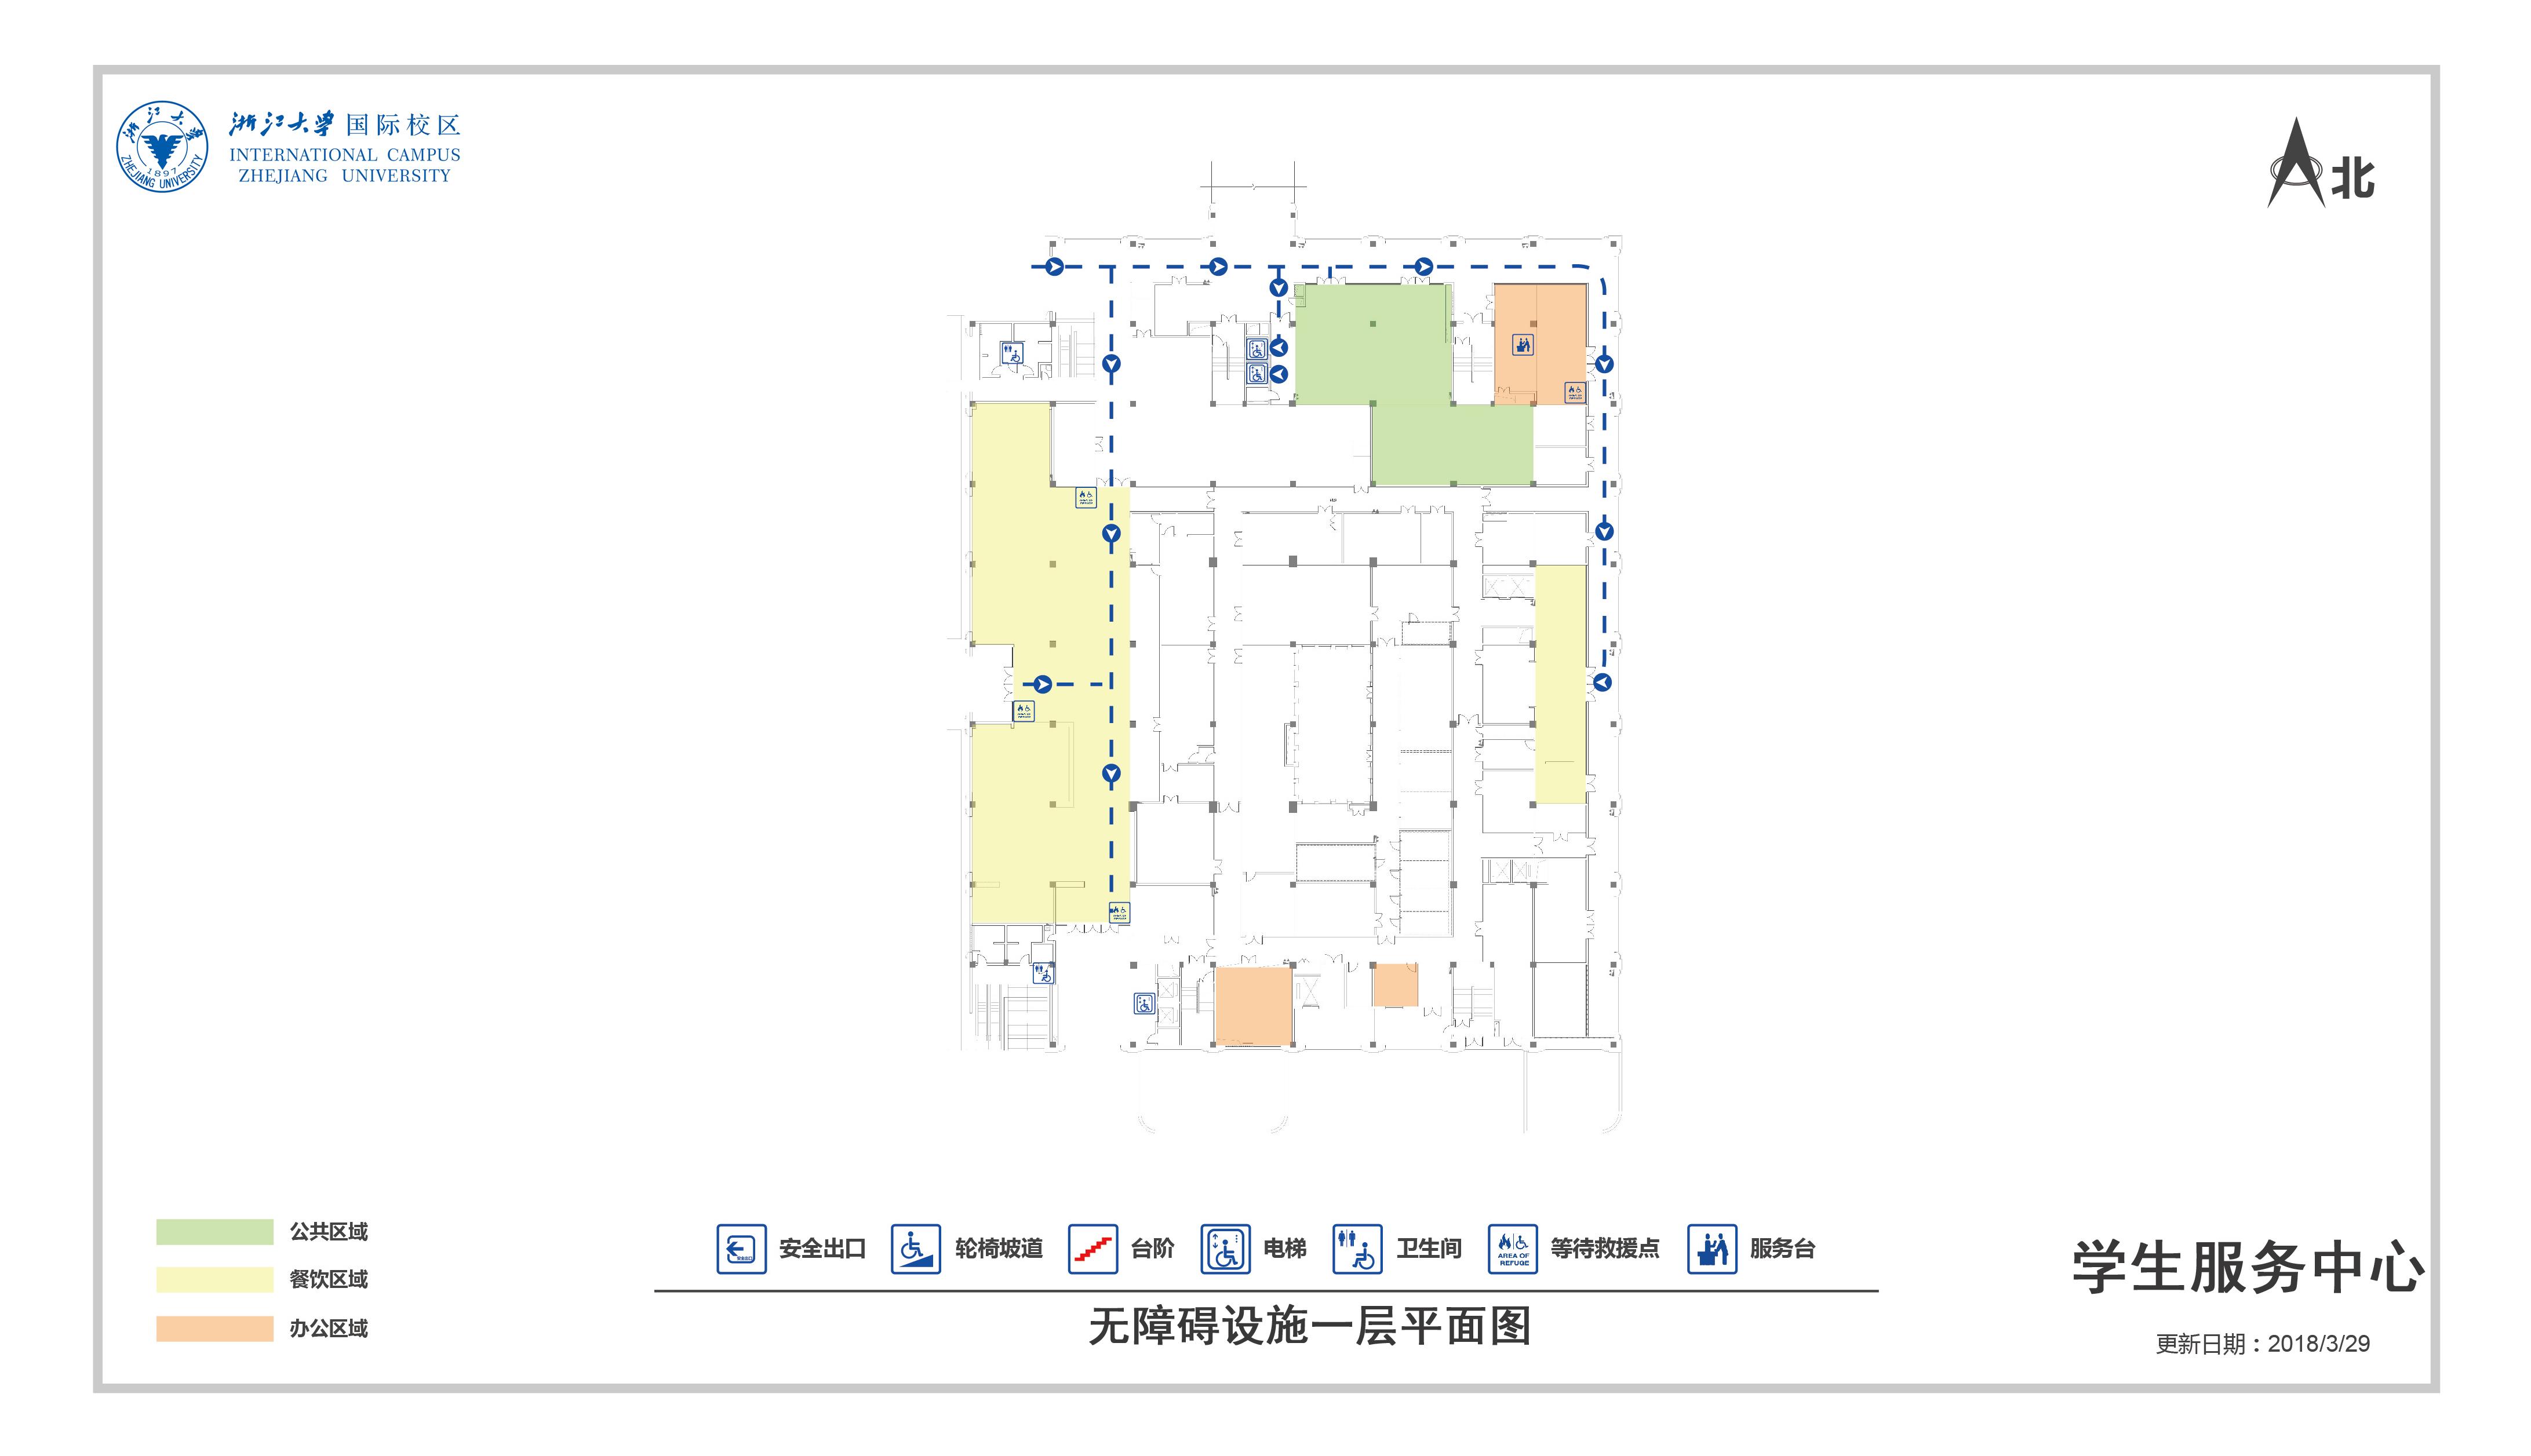 学生服务中心无障碍设施一层平面图.jpg